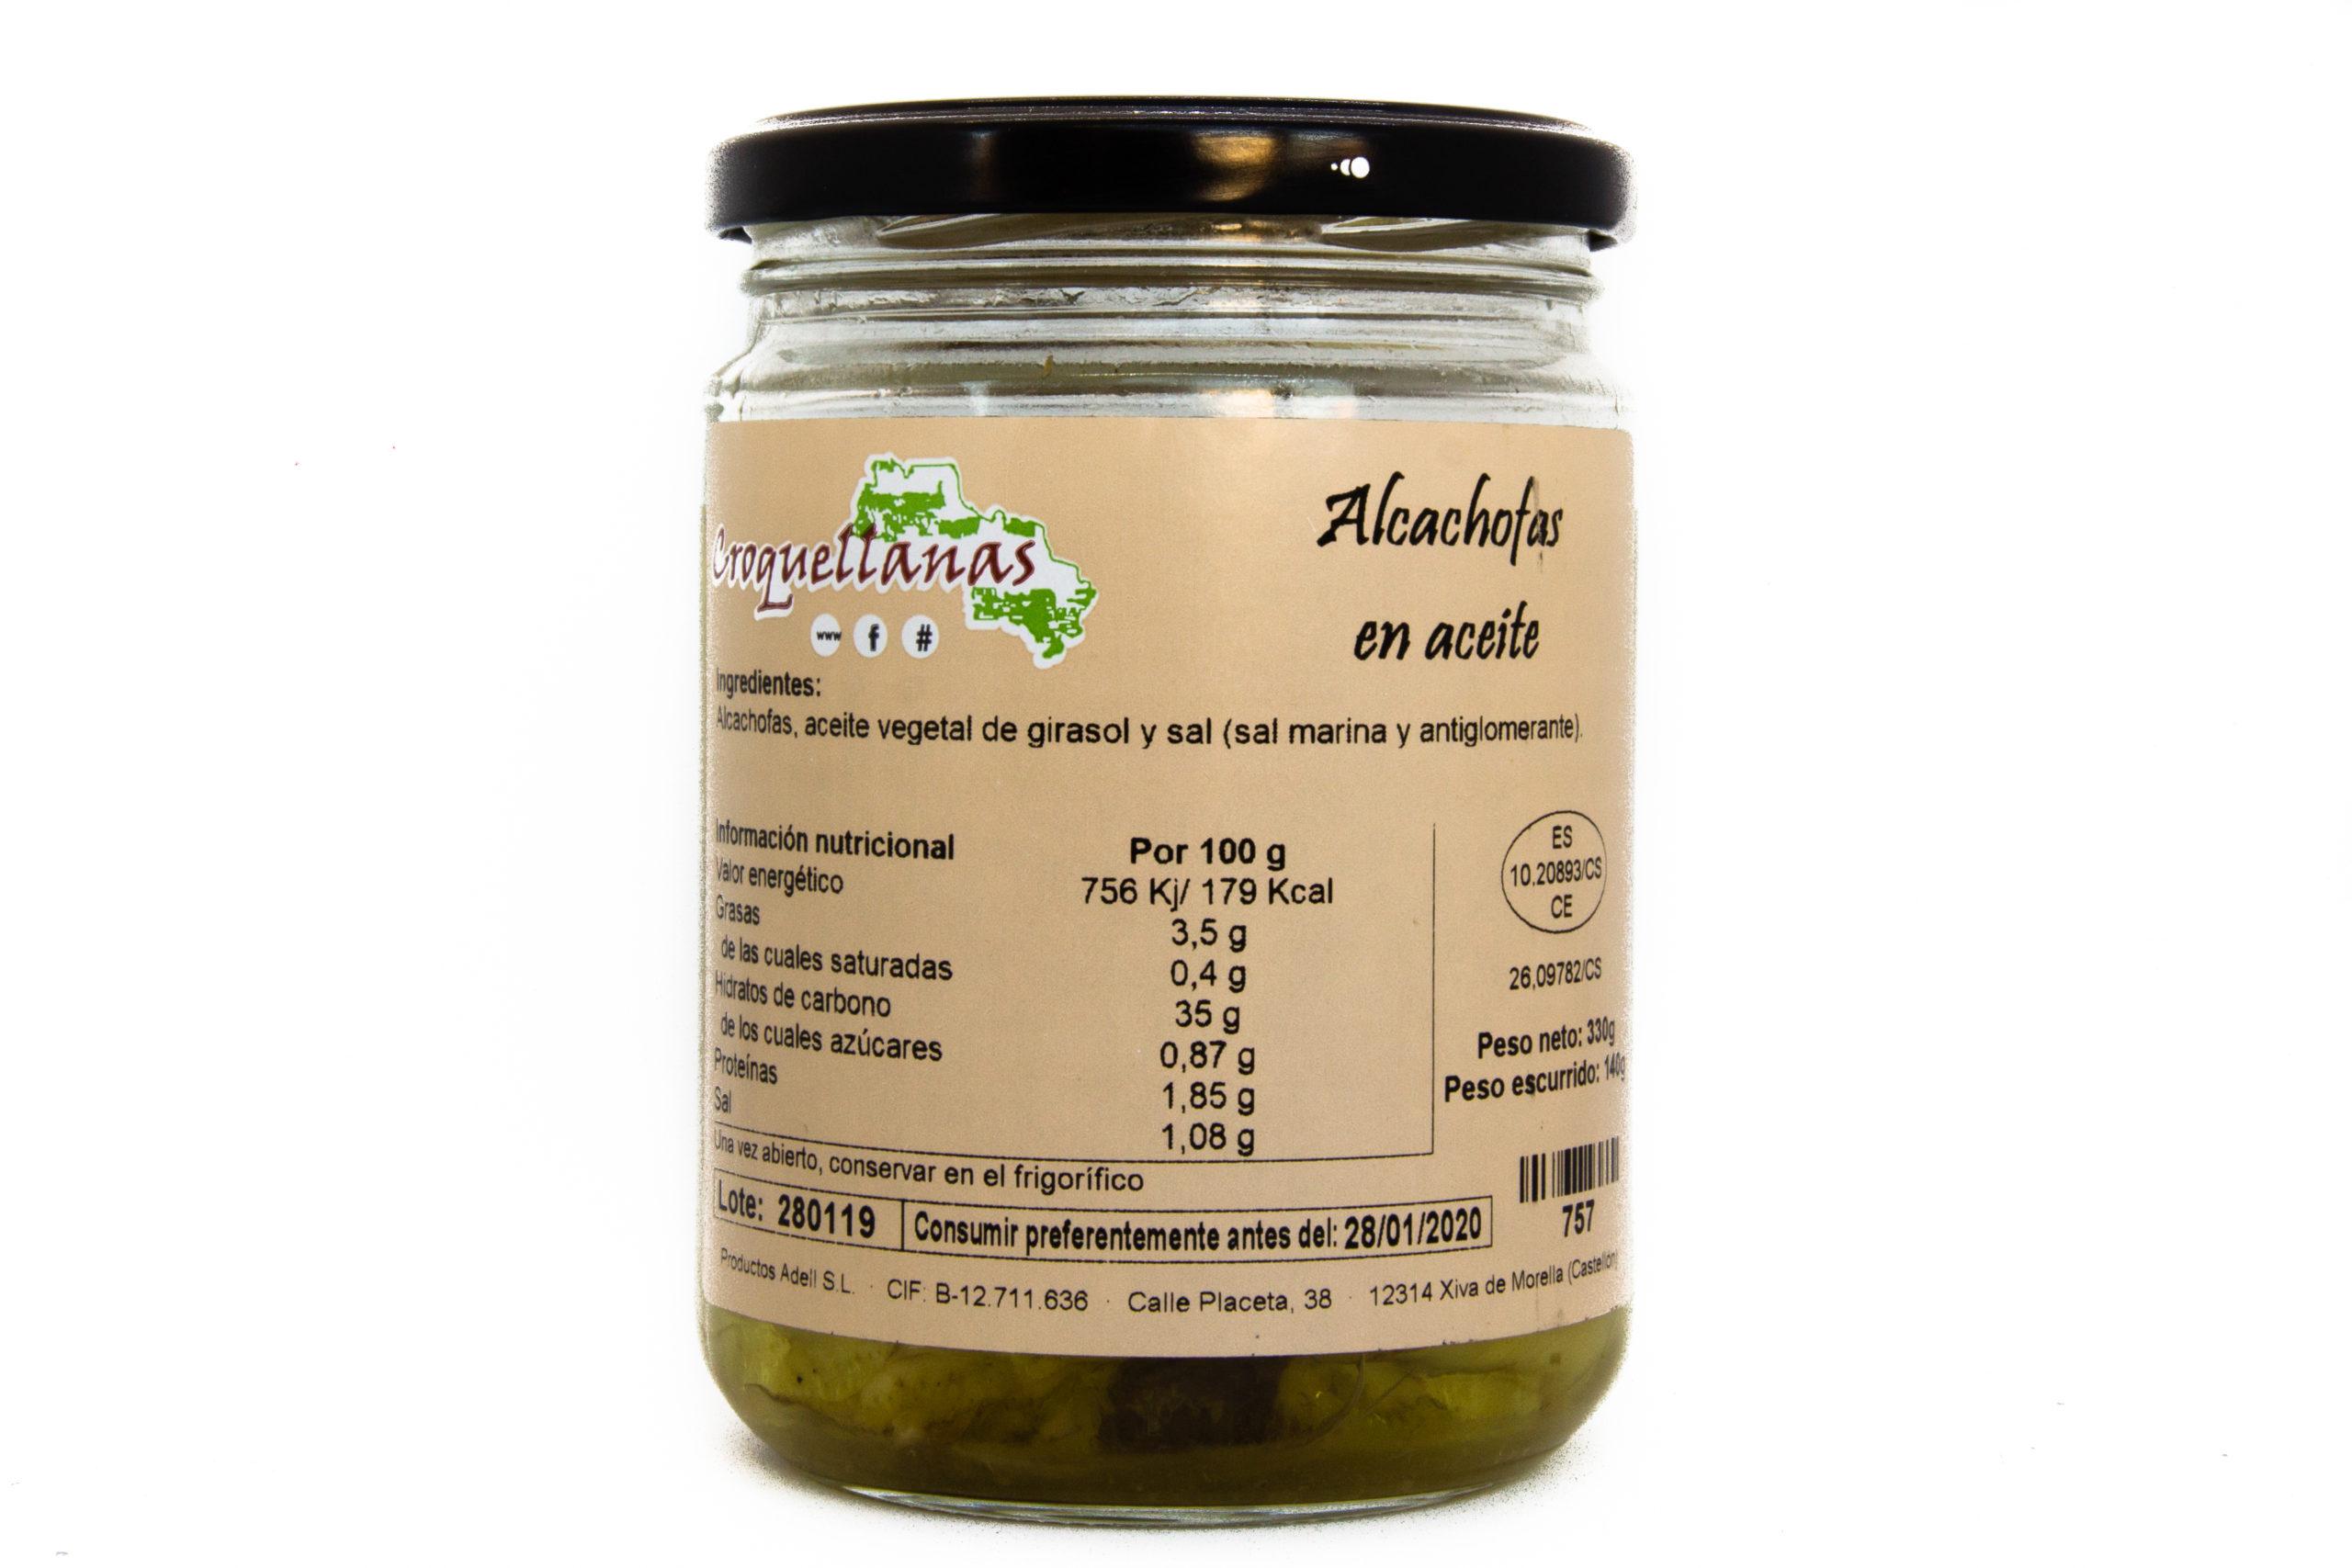 Alcachofas en aceite 1